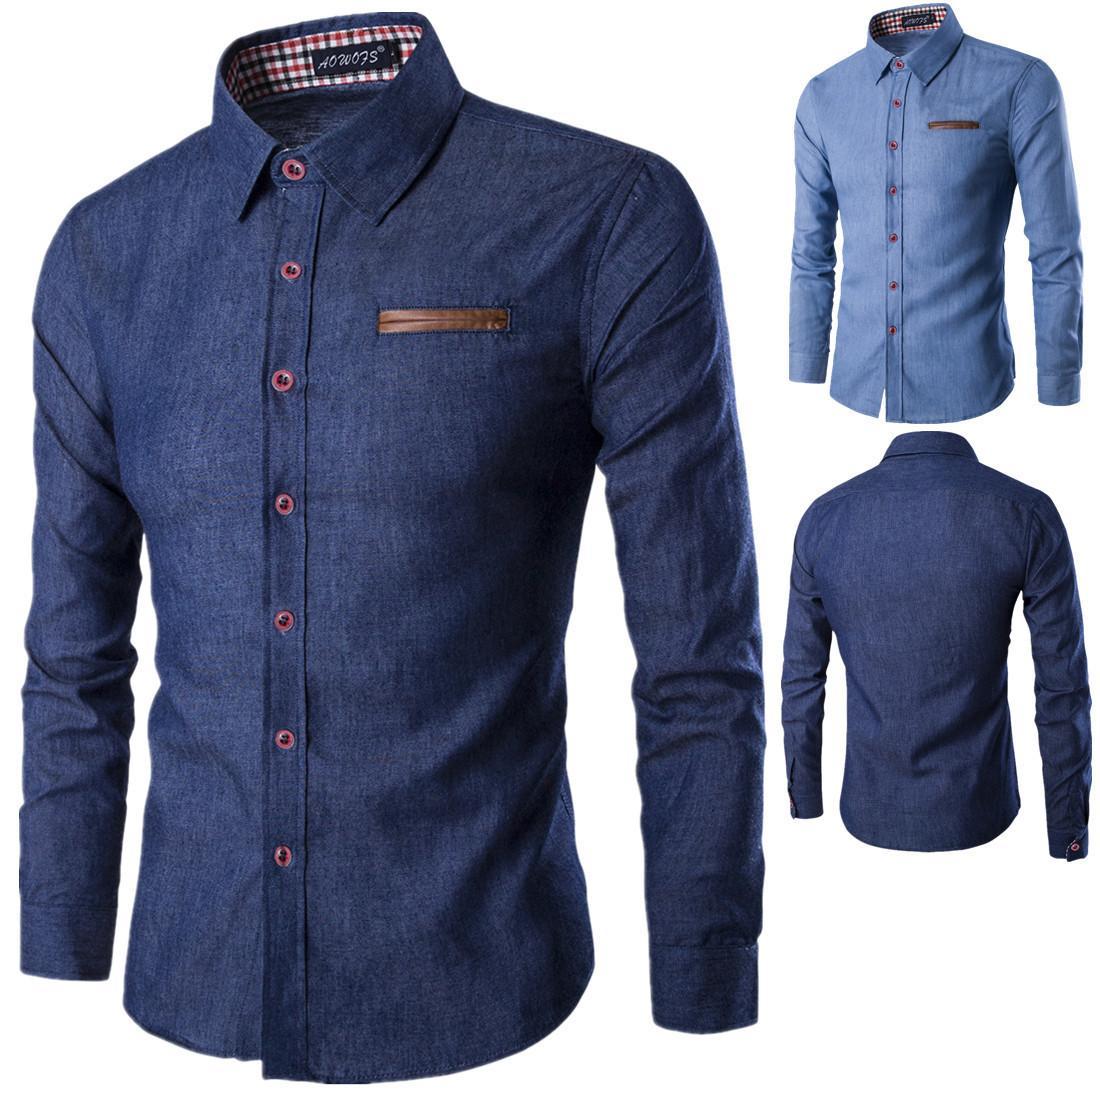 2019 nouveaux vêtements pour chemise en jean hommes chemise à manches longues hommes marque un jean slim jeans hommes chemise camiseta masculina